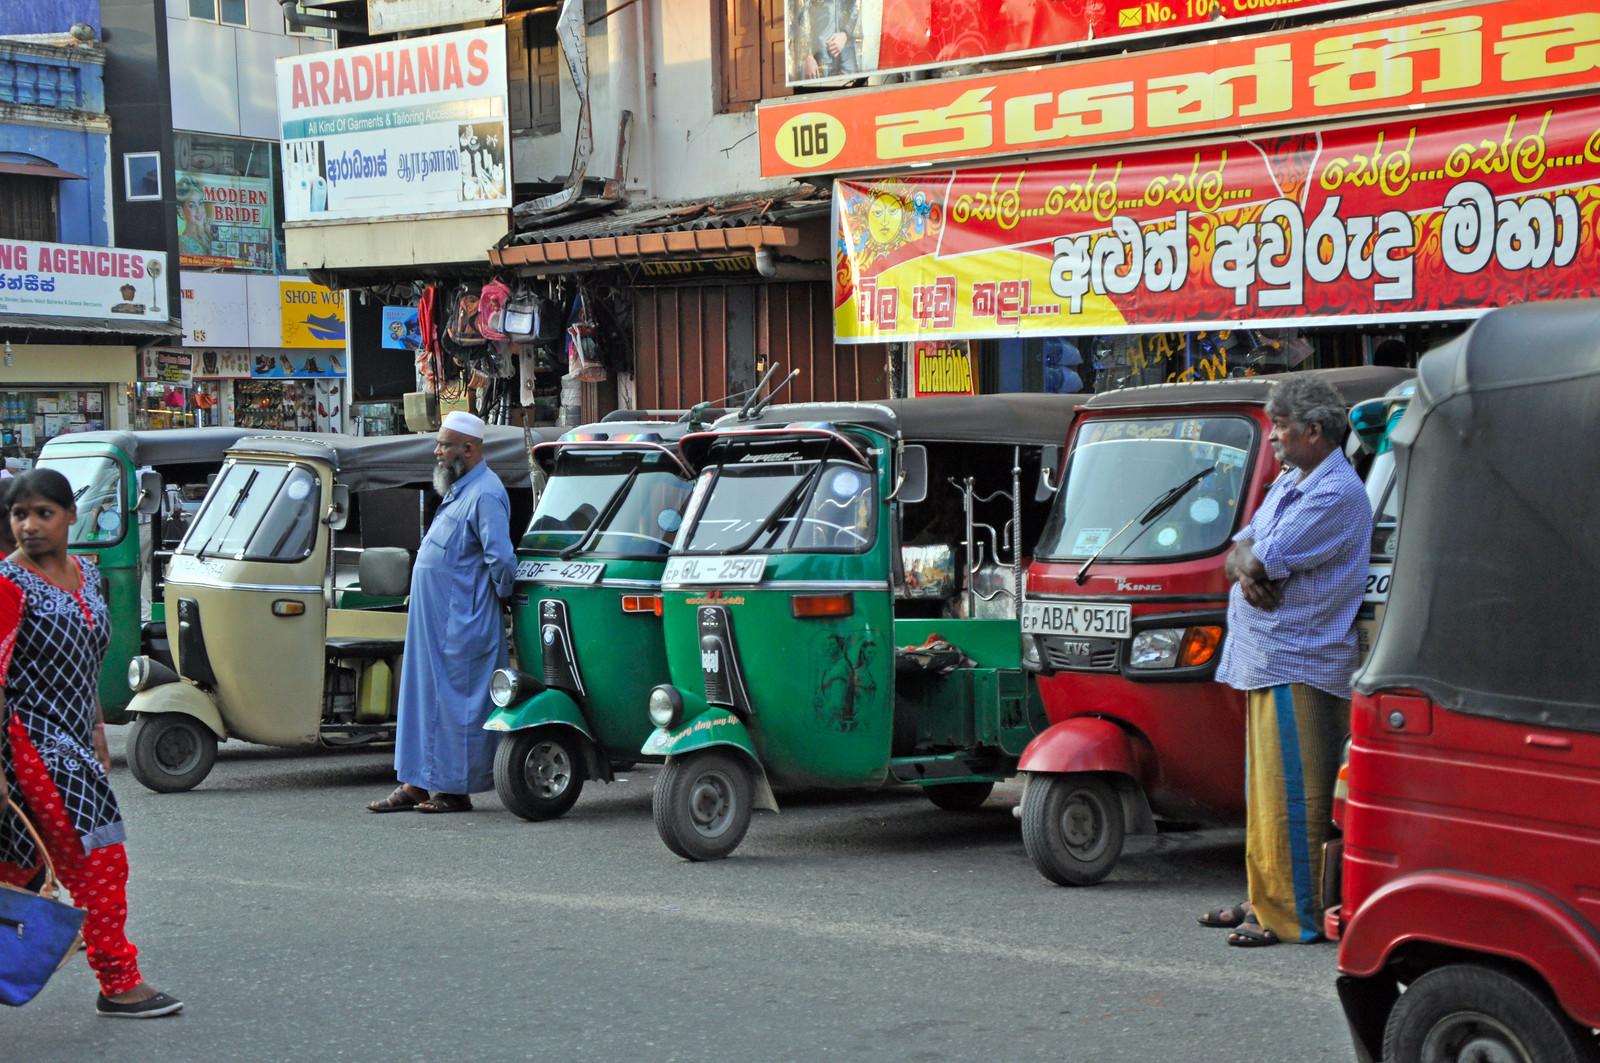 Kandy en un día, Sri Lanka kandy en un día - 46341676414 f0ed014b76 h - Kandy en un día, Sri Lanka